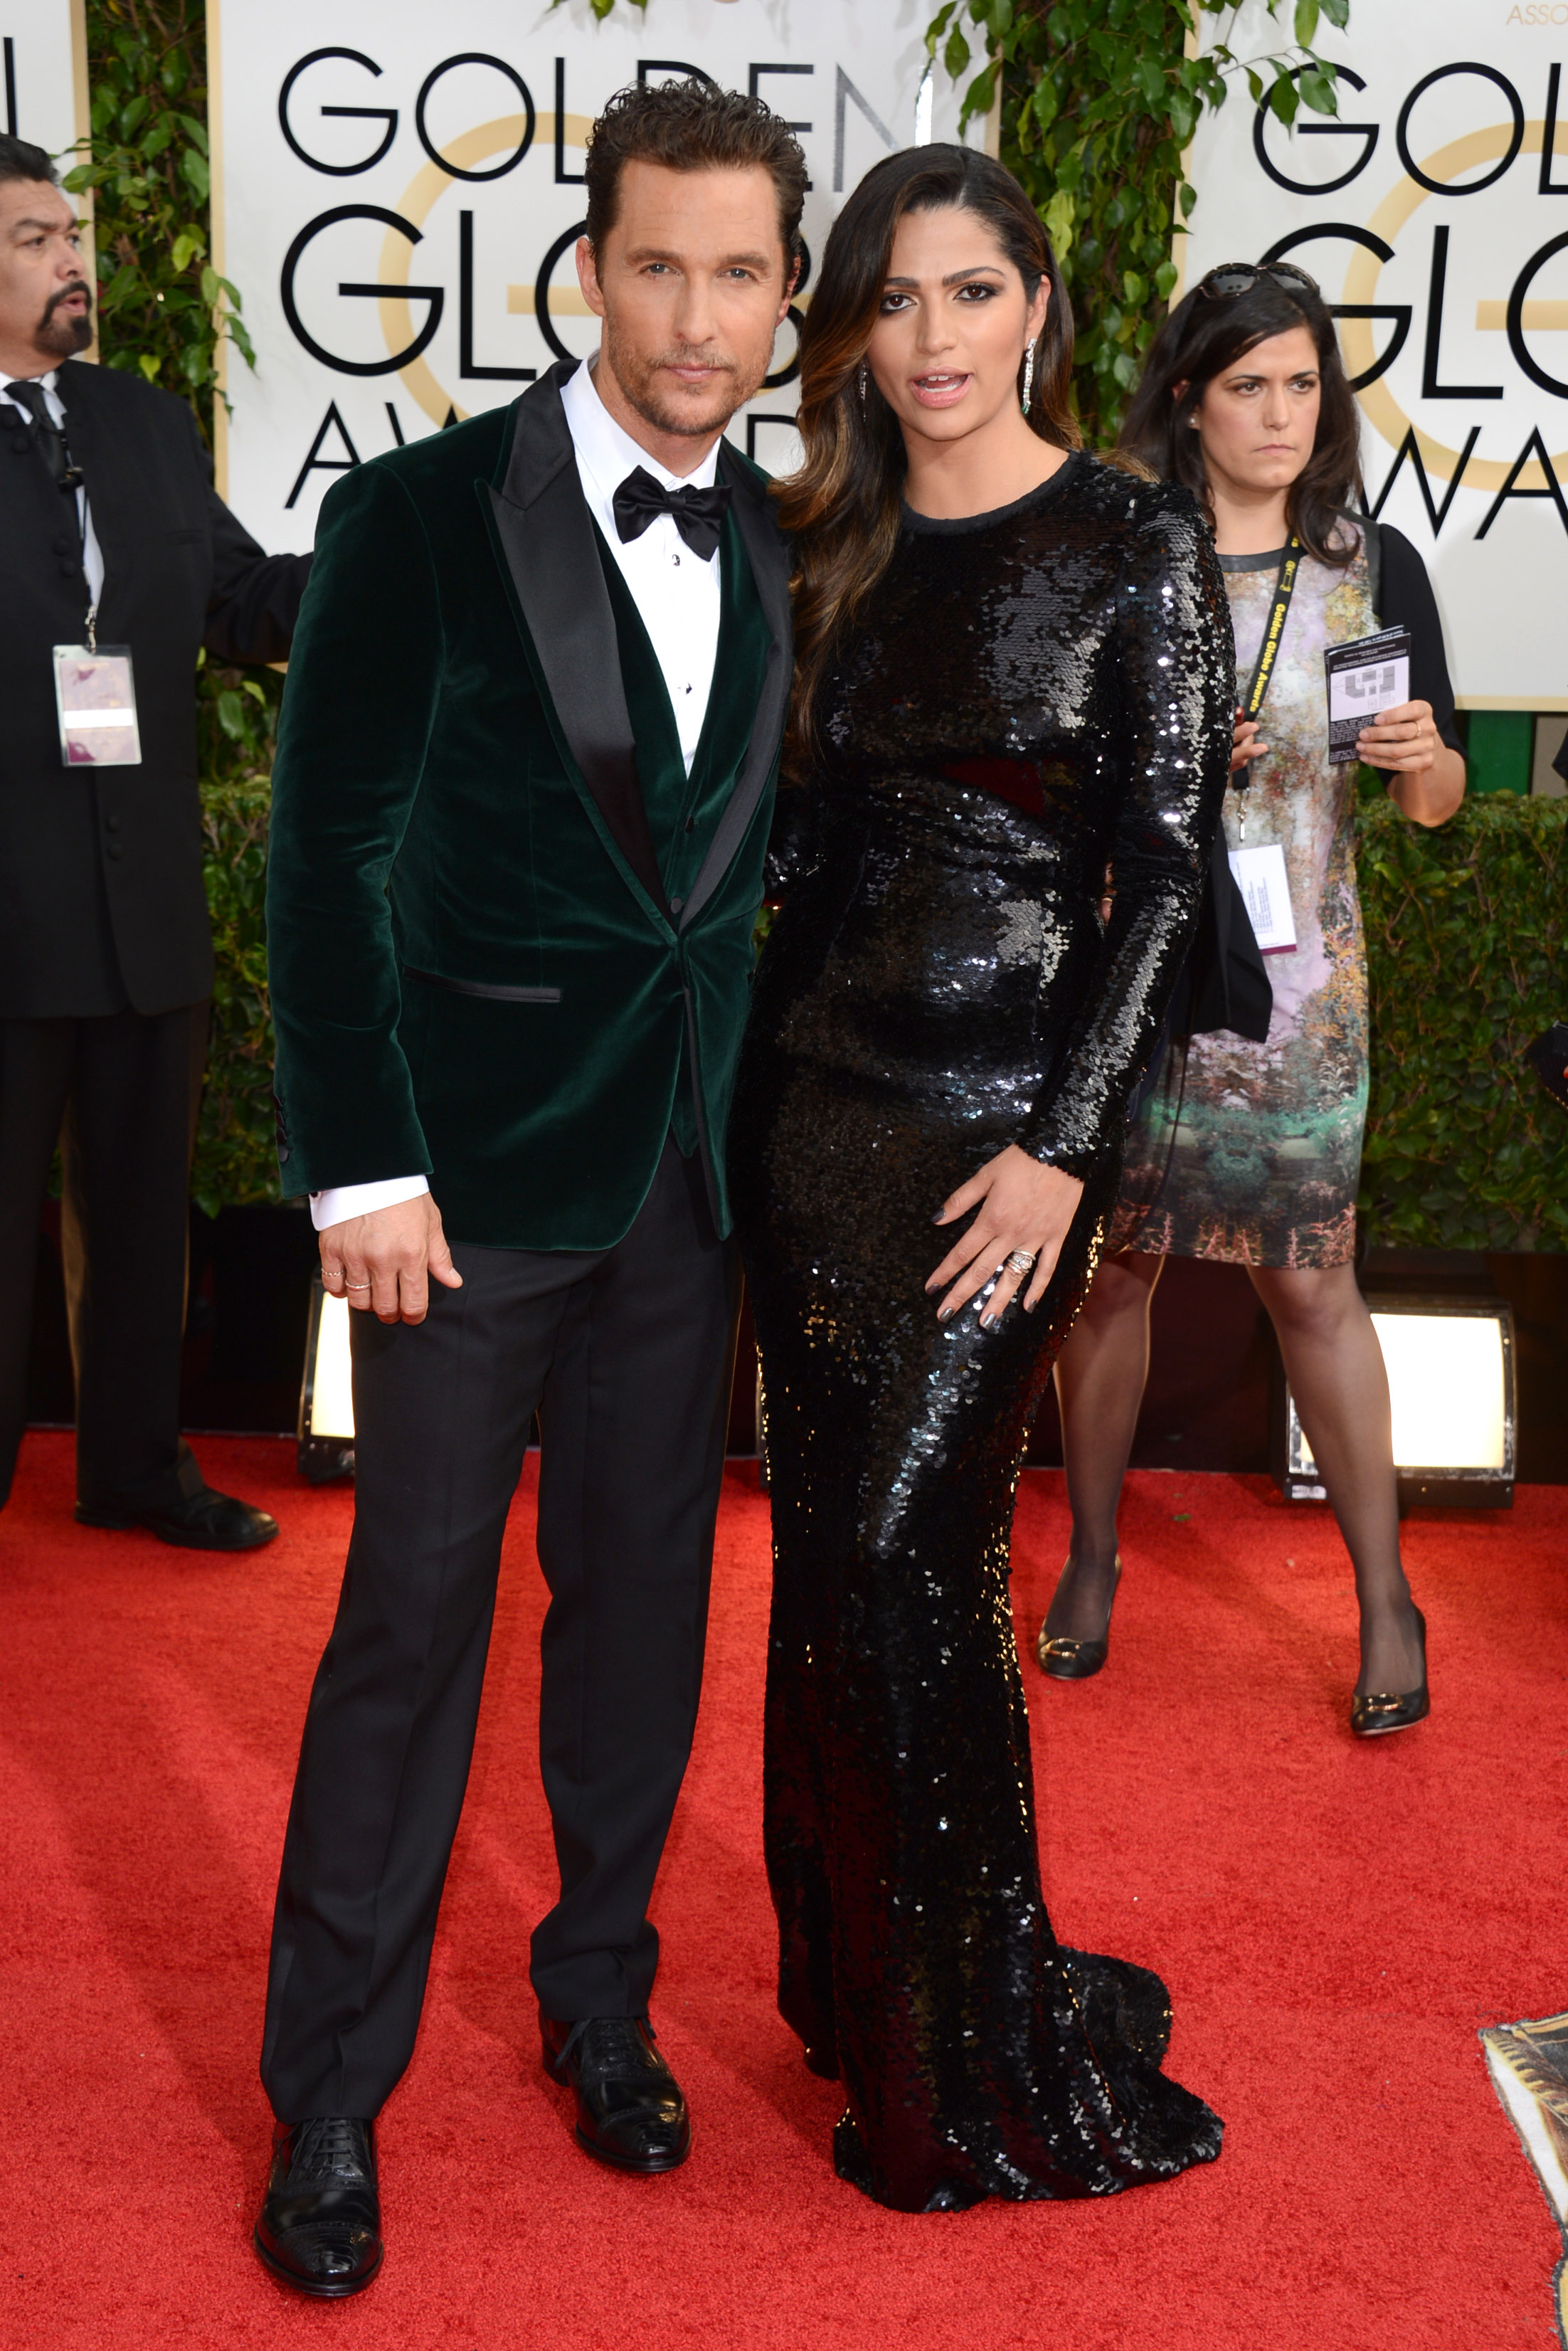 Актер Мэттью МакКонахи и его жена-модель Камила Алвес